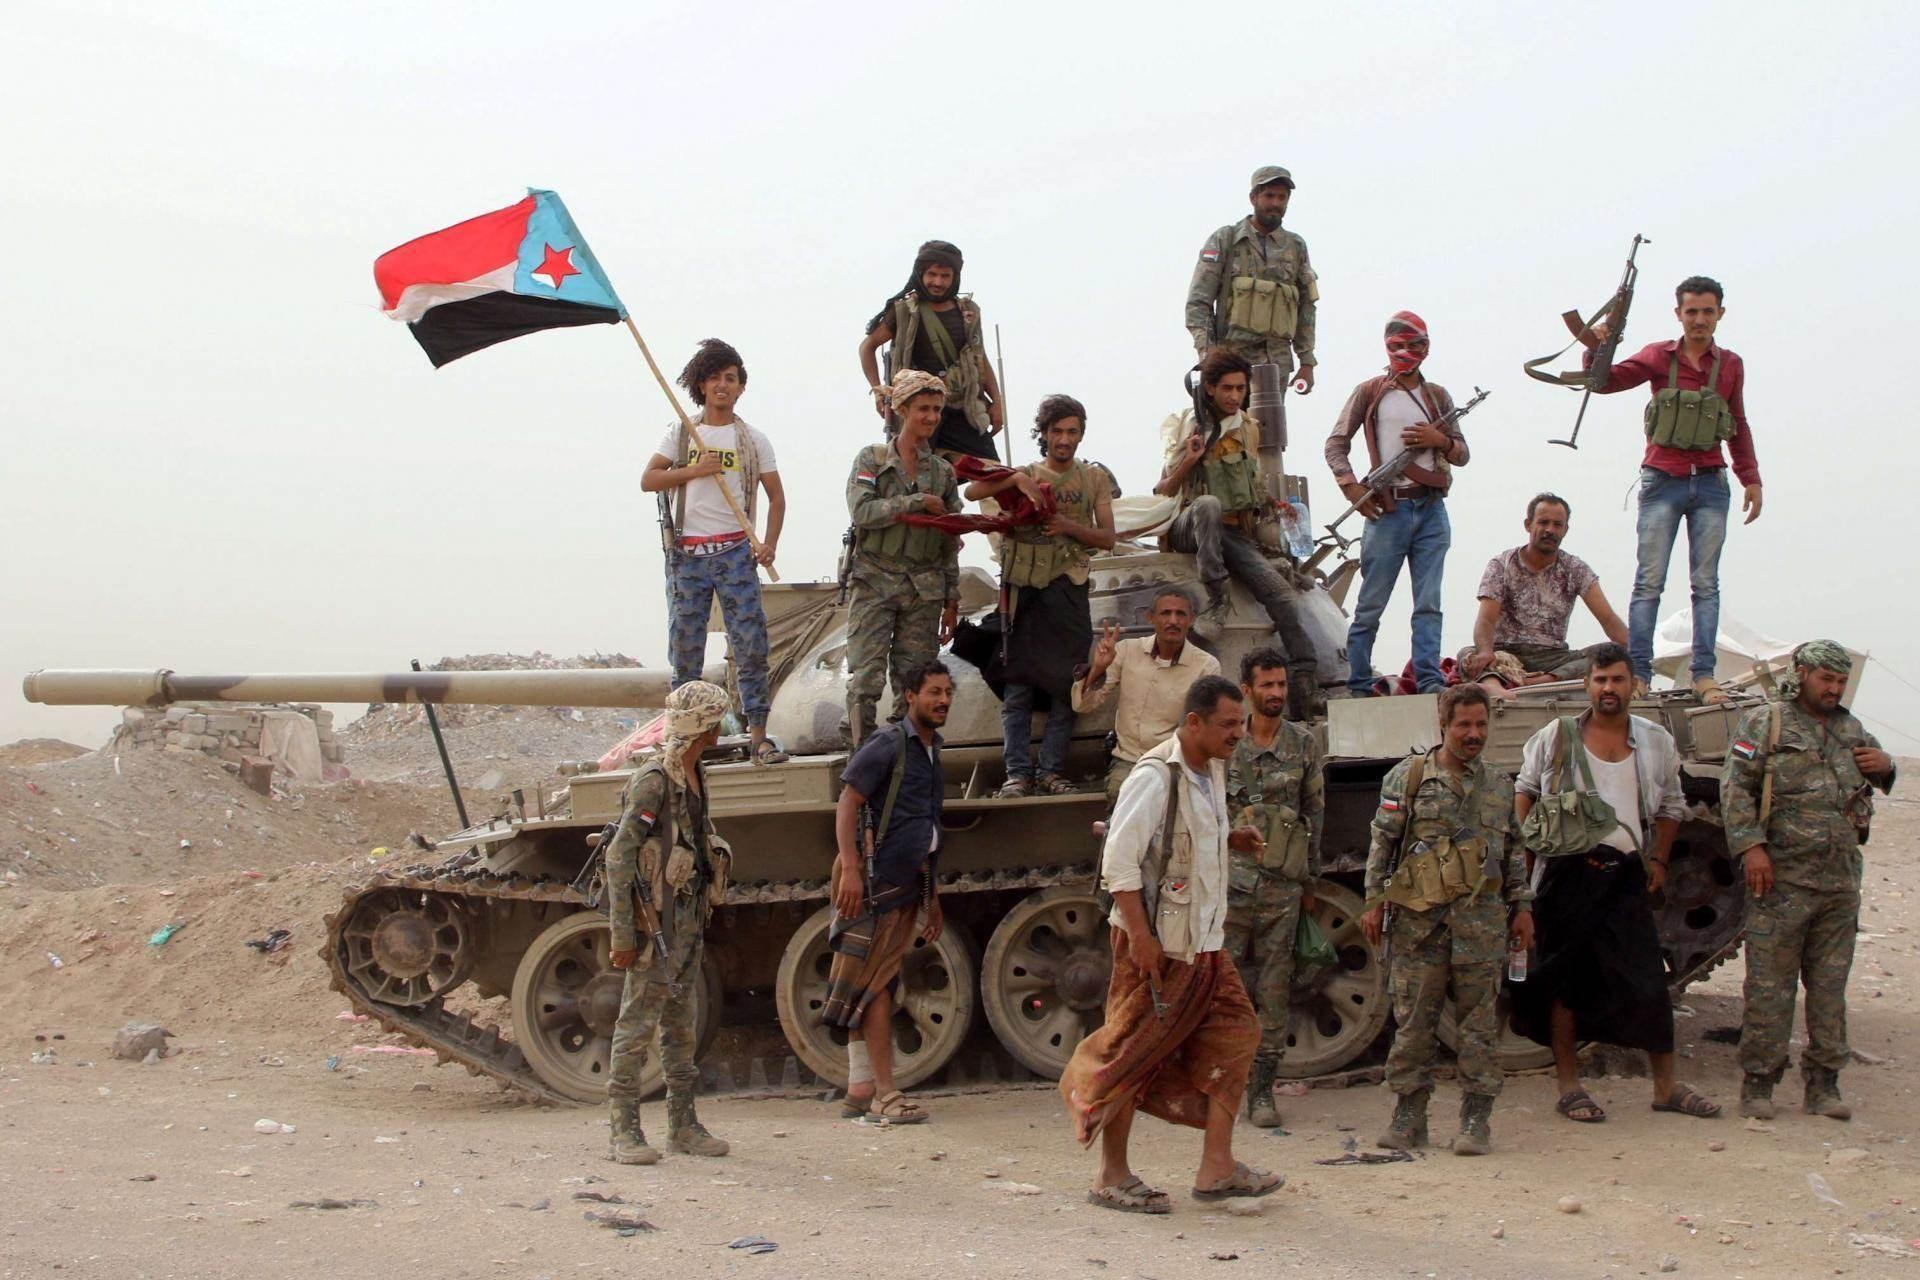 المجلس الانتقالي يدعو الى إطلاق عمليات عسكرية ضد قوات هادي في حضرموت